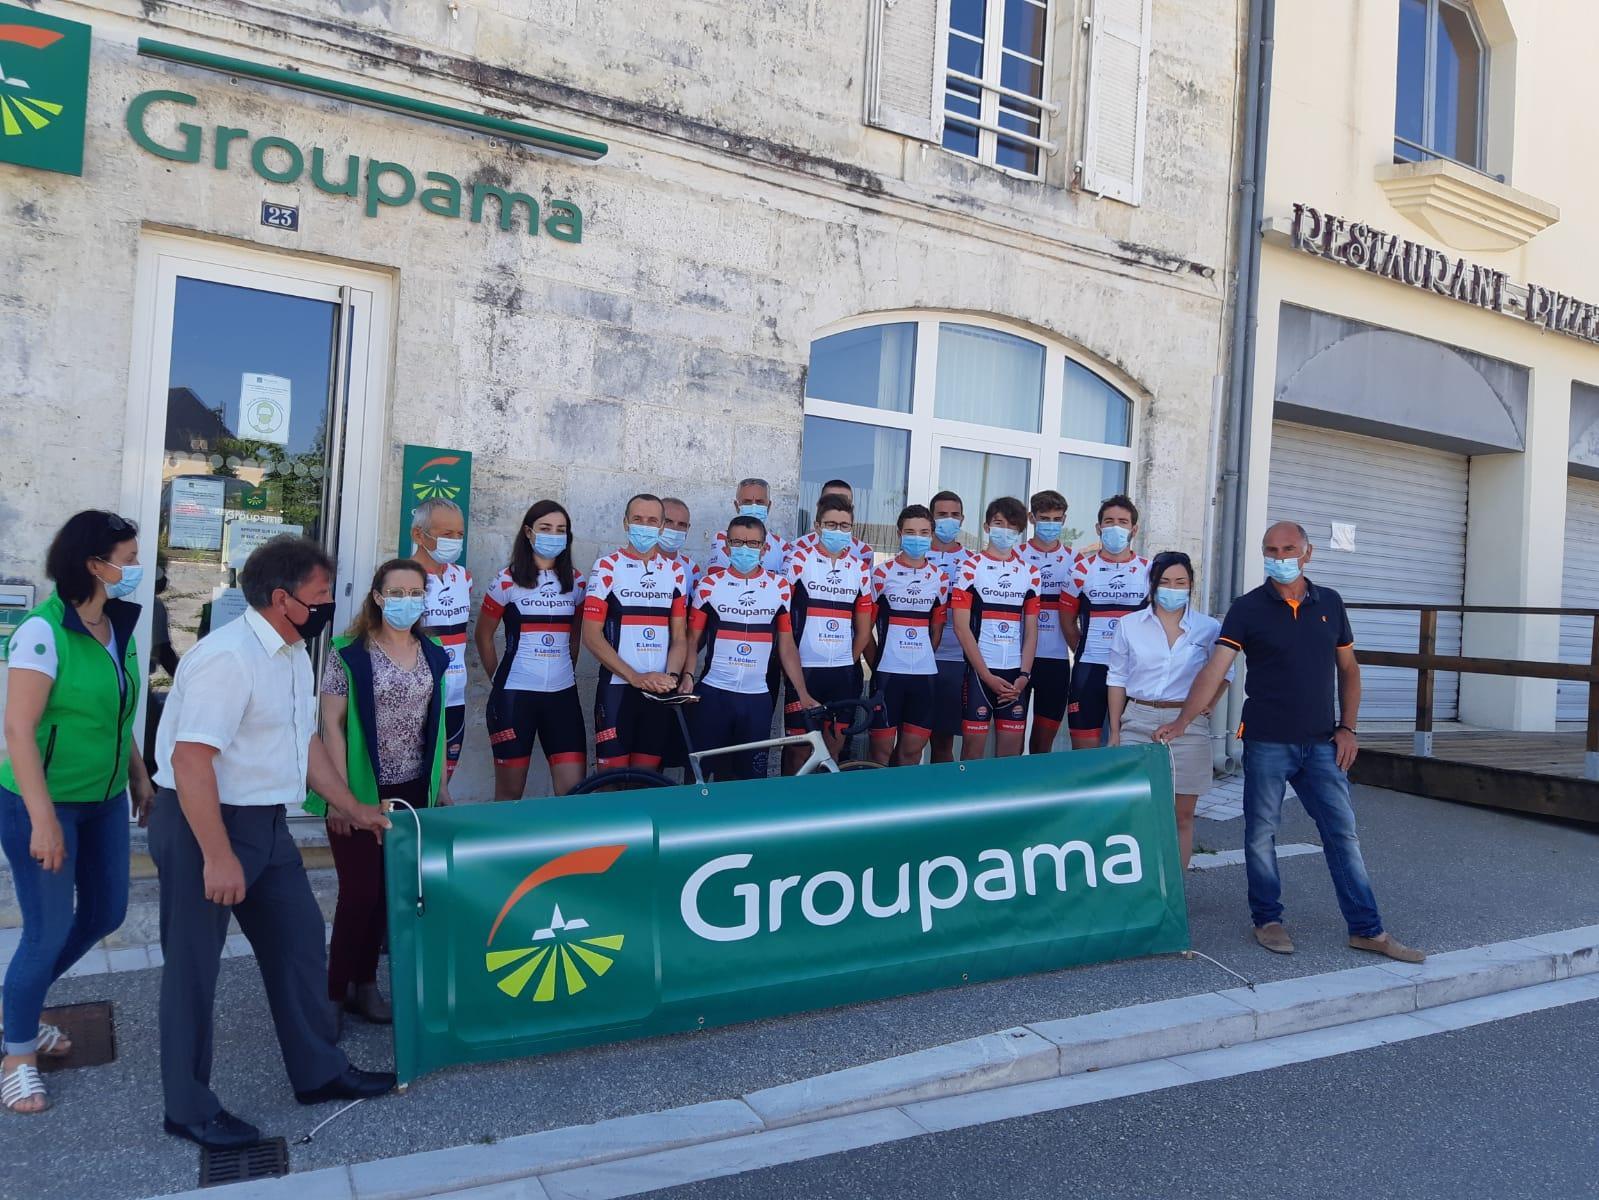 Le 14/06/2021 Groupama Centre-Atlantique offre 30 tenues cyclistes personnalisées à l'Association cycliste des 4B